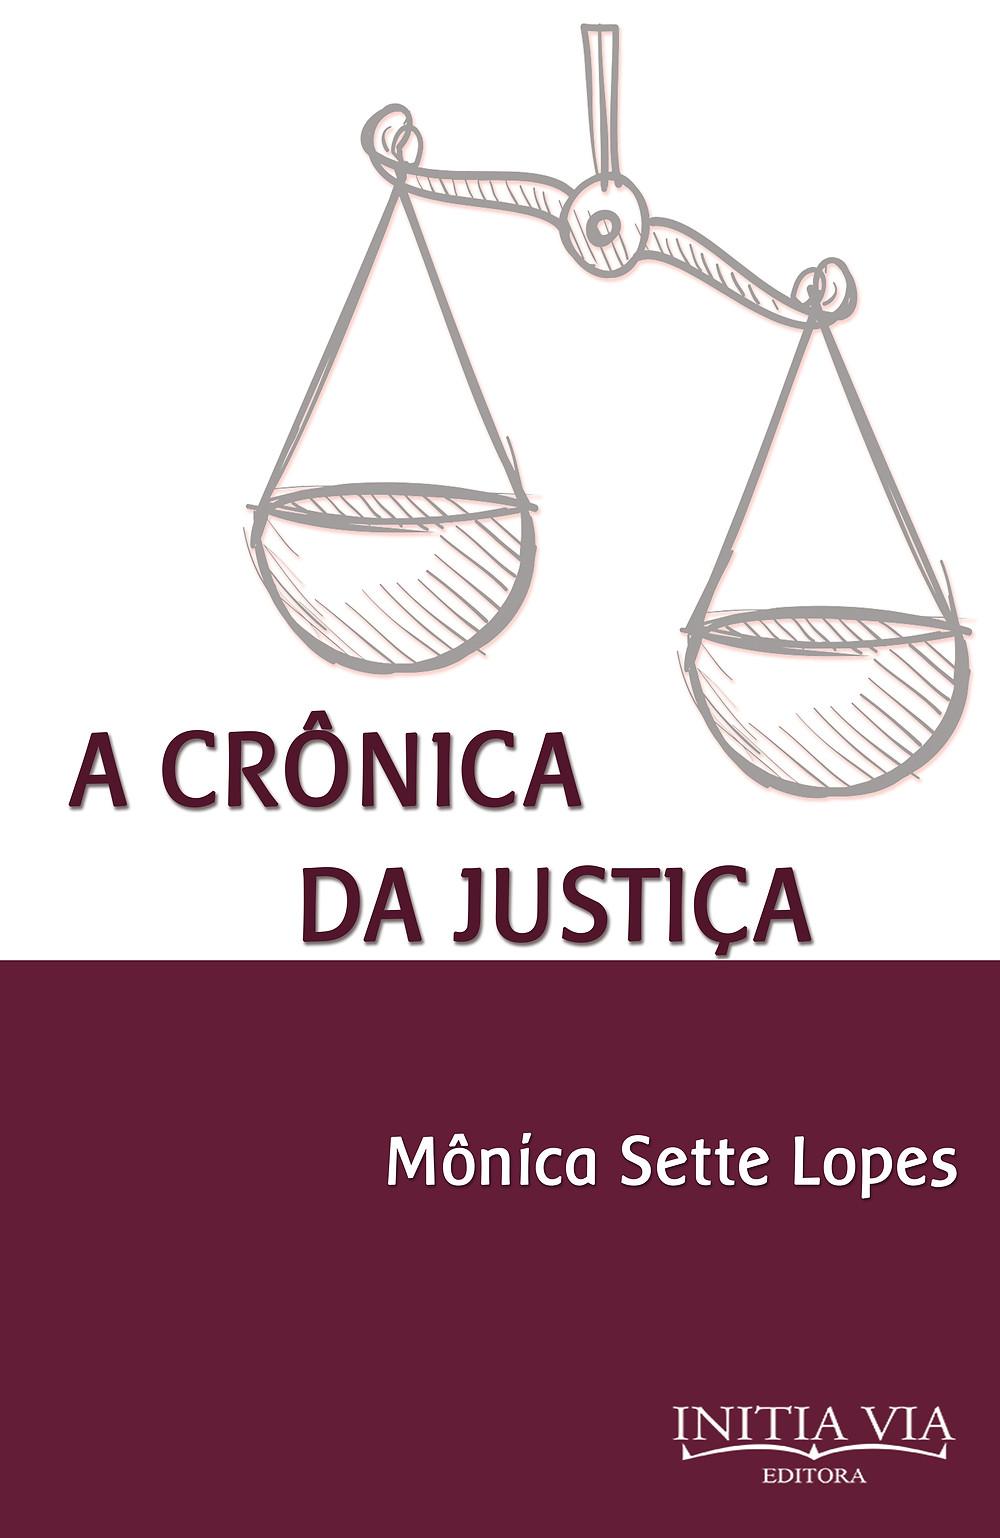 Capa do livro A Crônica da Justiça